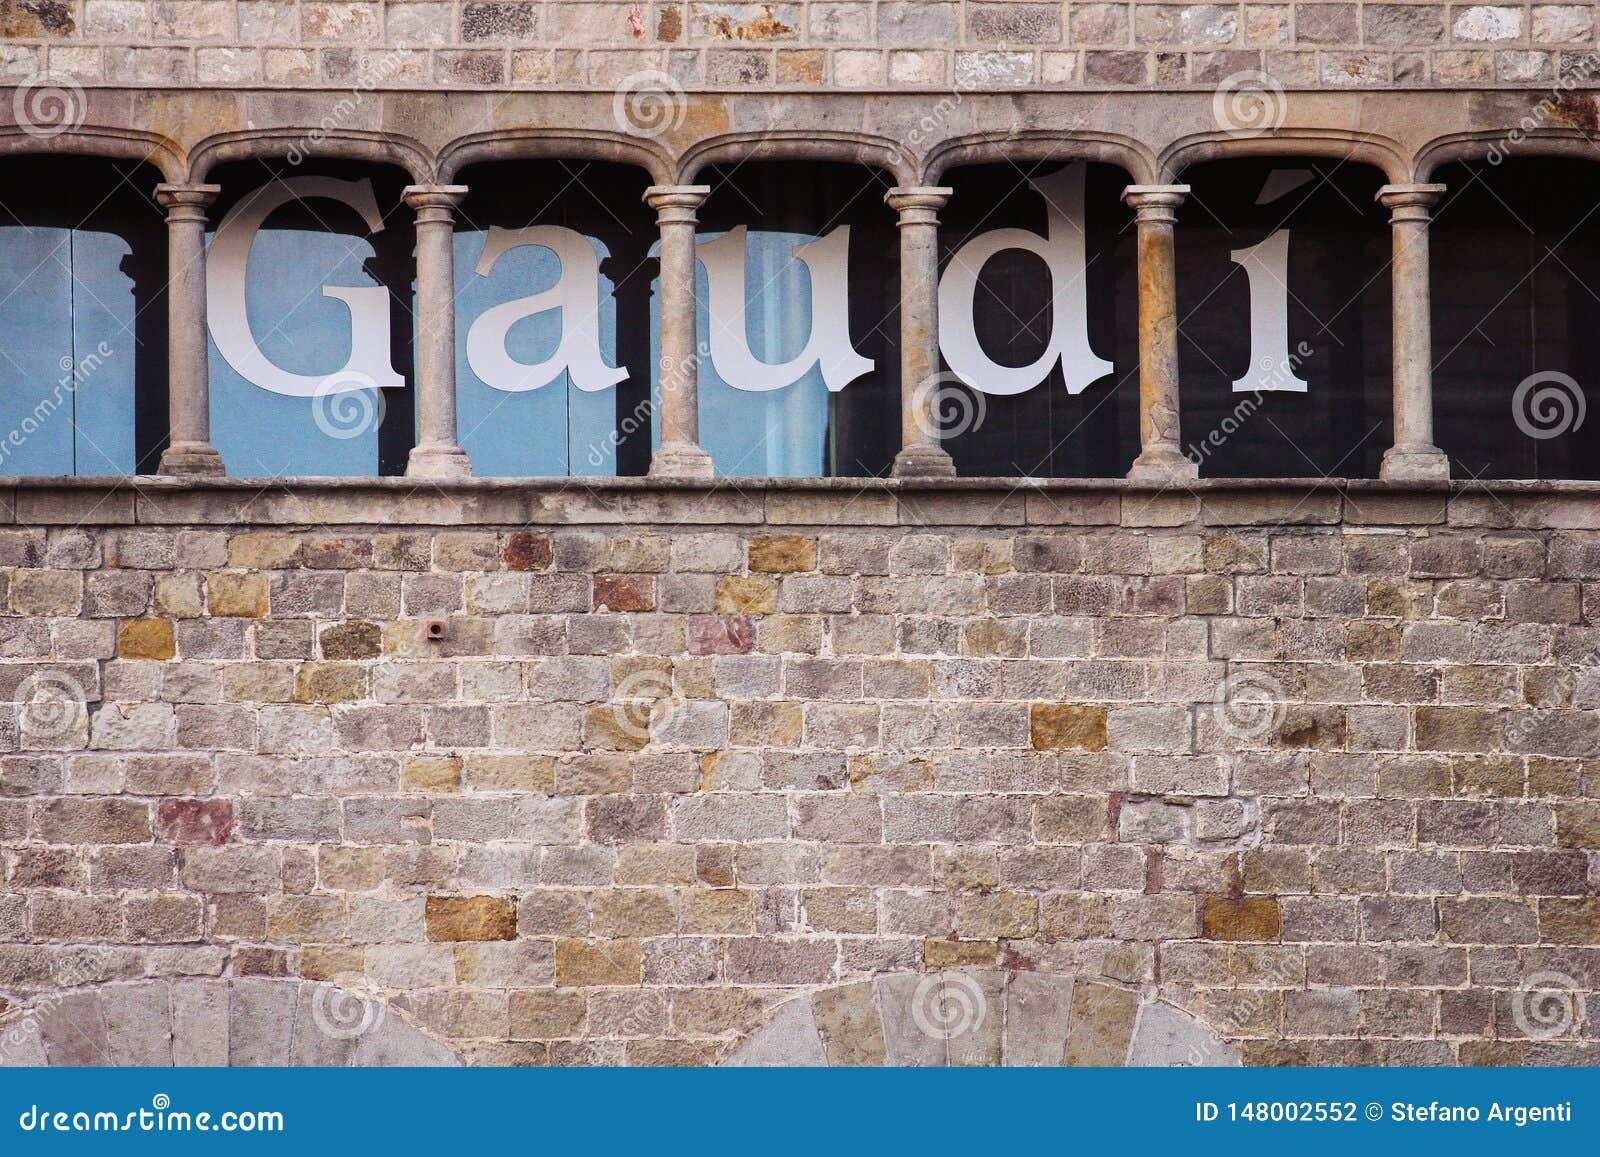 Parede do museu de Gaudì com letras grandes nela